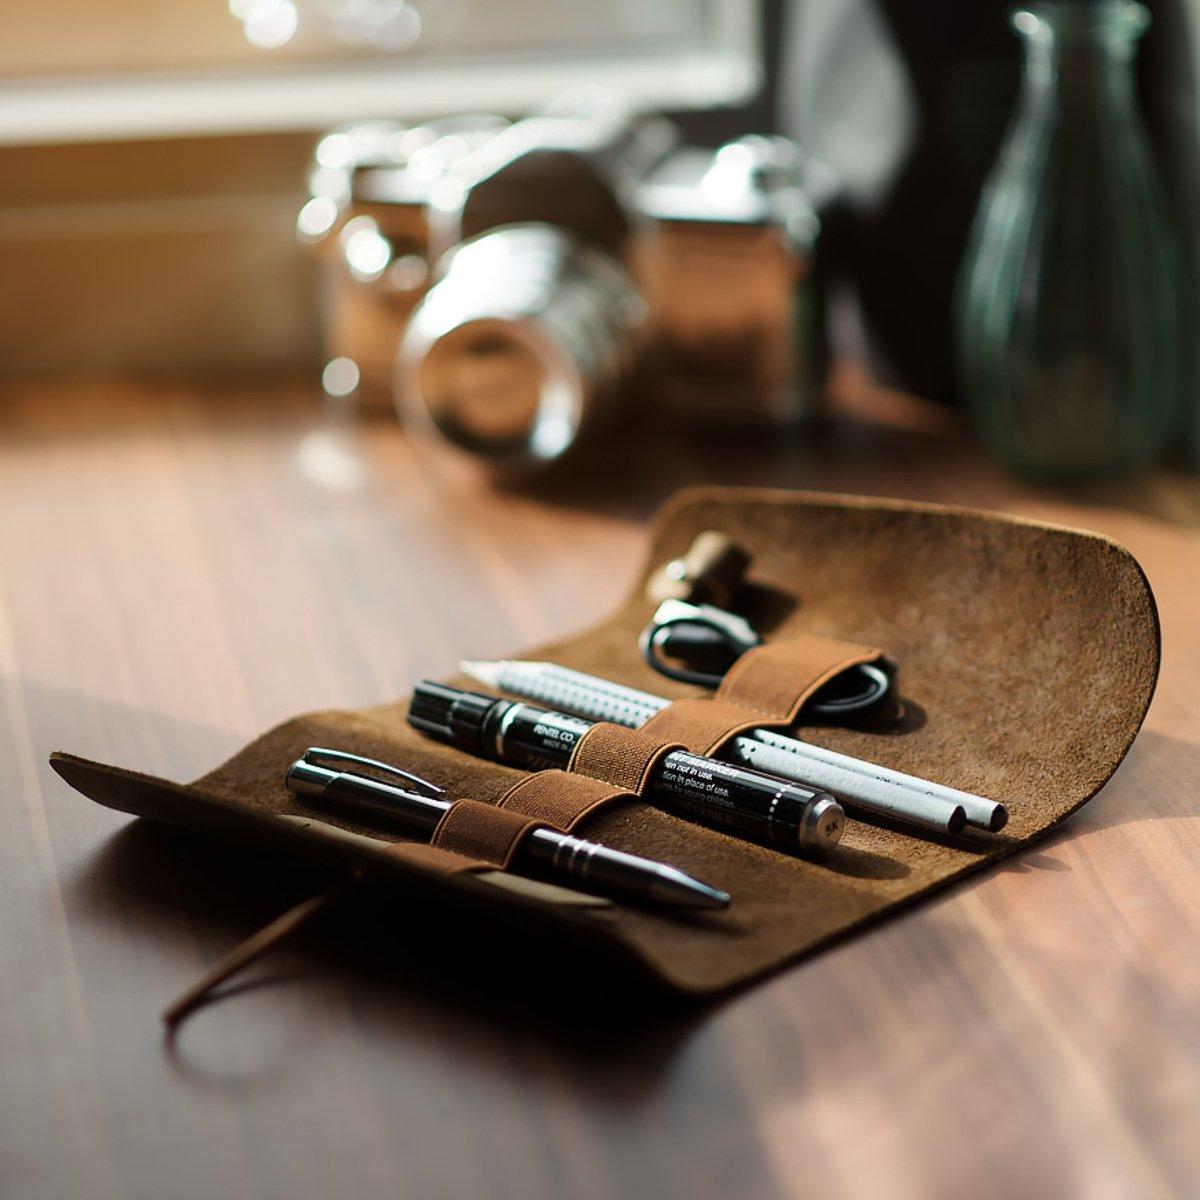 kalibri para Estuche de cuero enrollable para kalibri lápices en negro - Portalápices de cuero auténtico funda para lápices pinceles - Cubierta vintage 57cce6